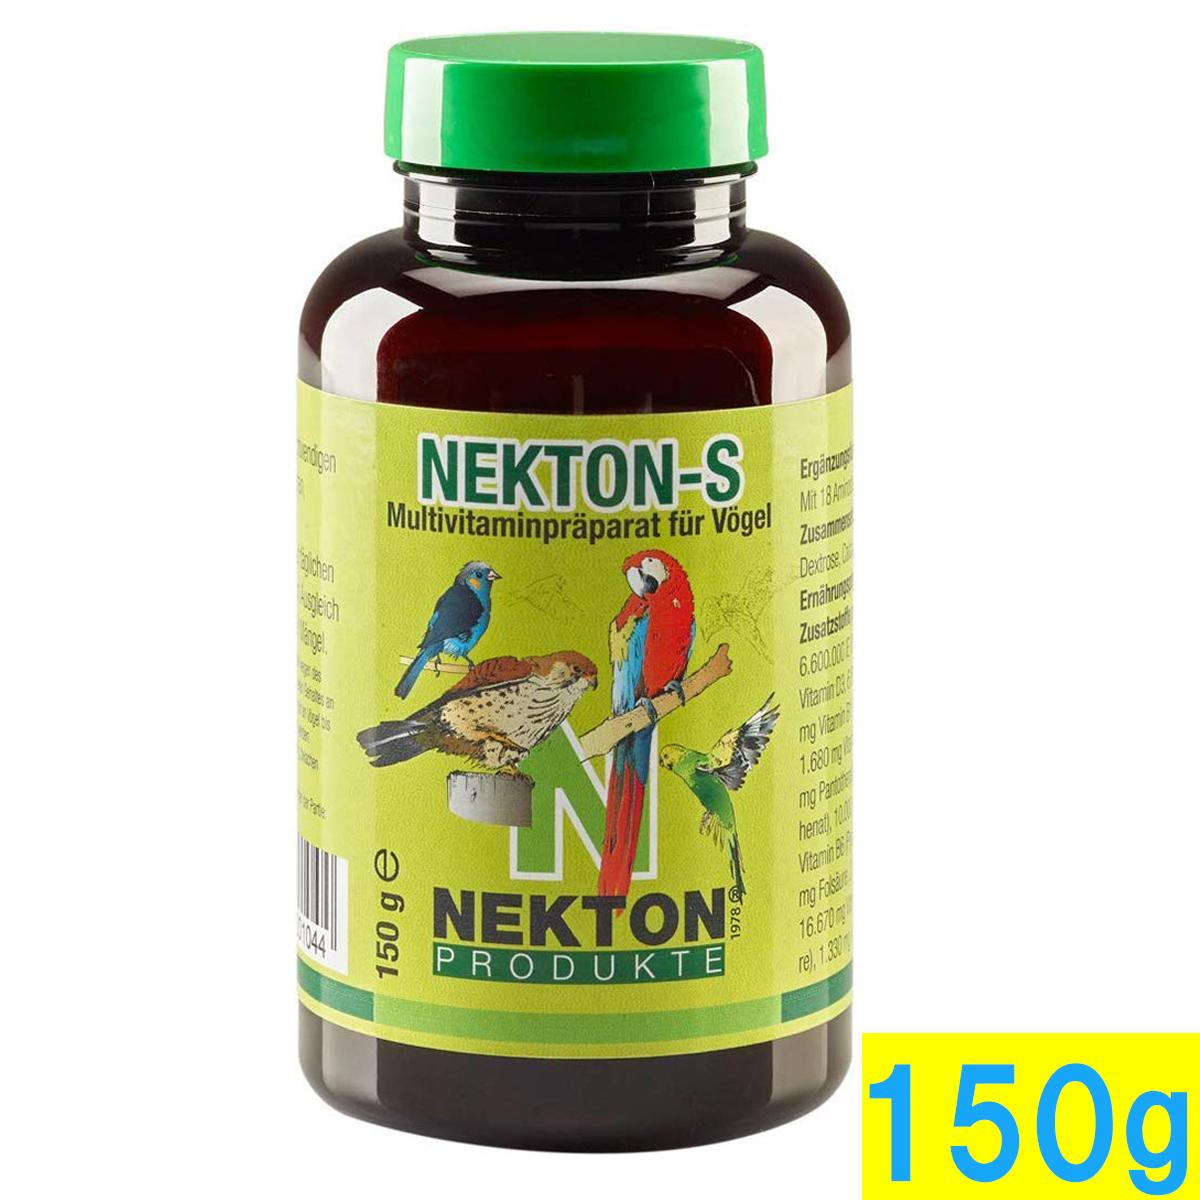 全ての鳥類用栄養補助食品 ネクトンS 永遠の定番 150g お得セット NEKTON-S 賞味期限2022年12月